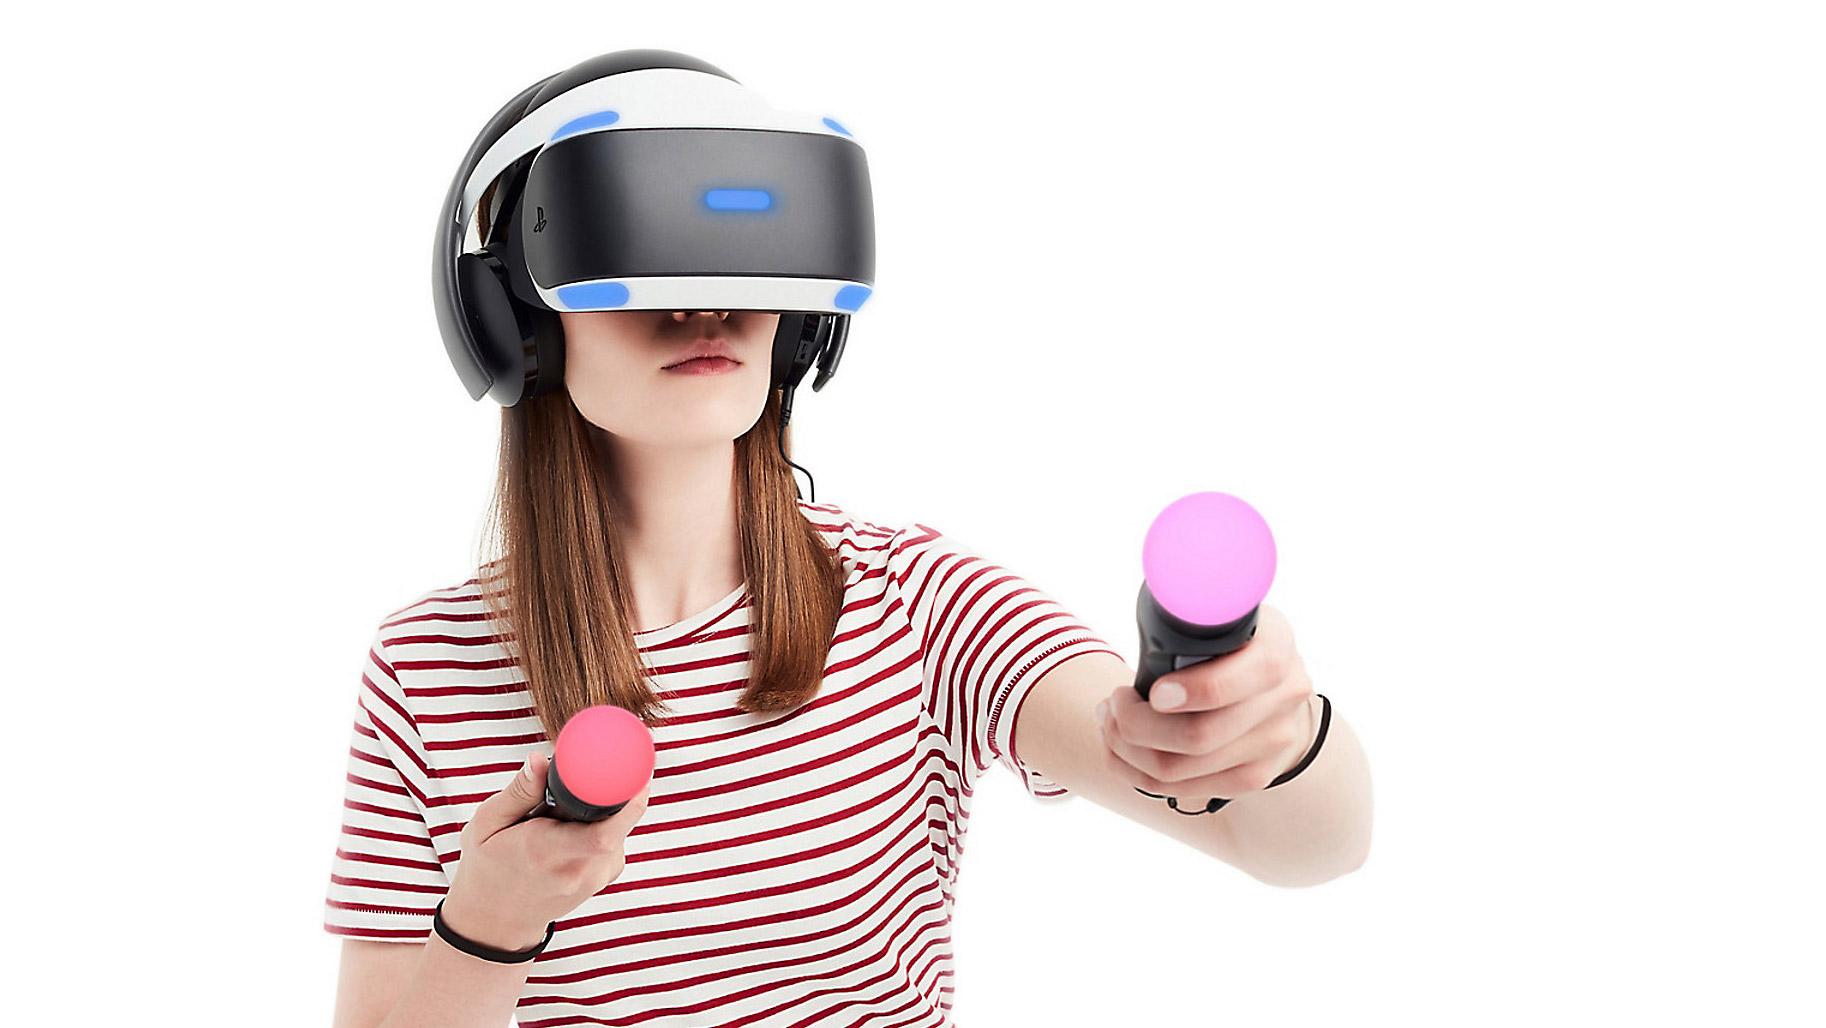 索尼新VR/AR广告专利暗示其或将推出新一代PSVR